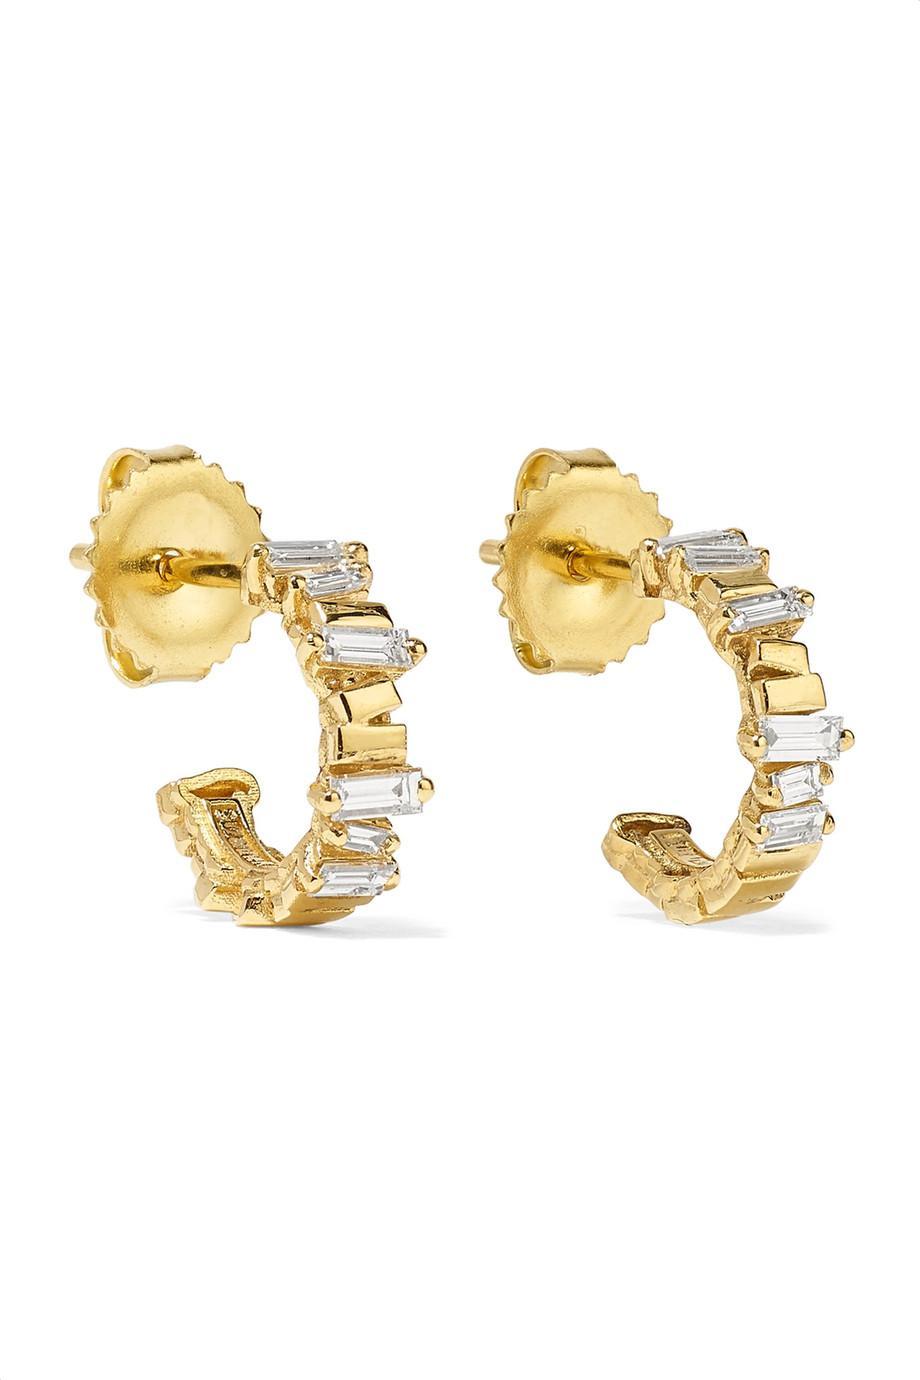 Suzanne Kalan 18-karat Gold Diamond Hoop Earrings bwY0T7rd